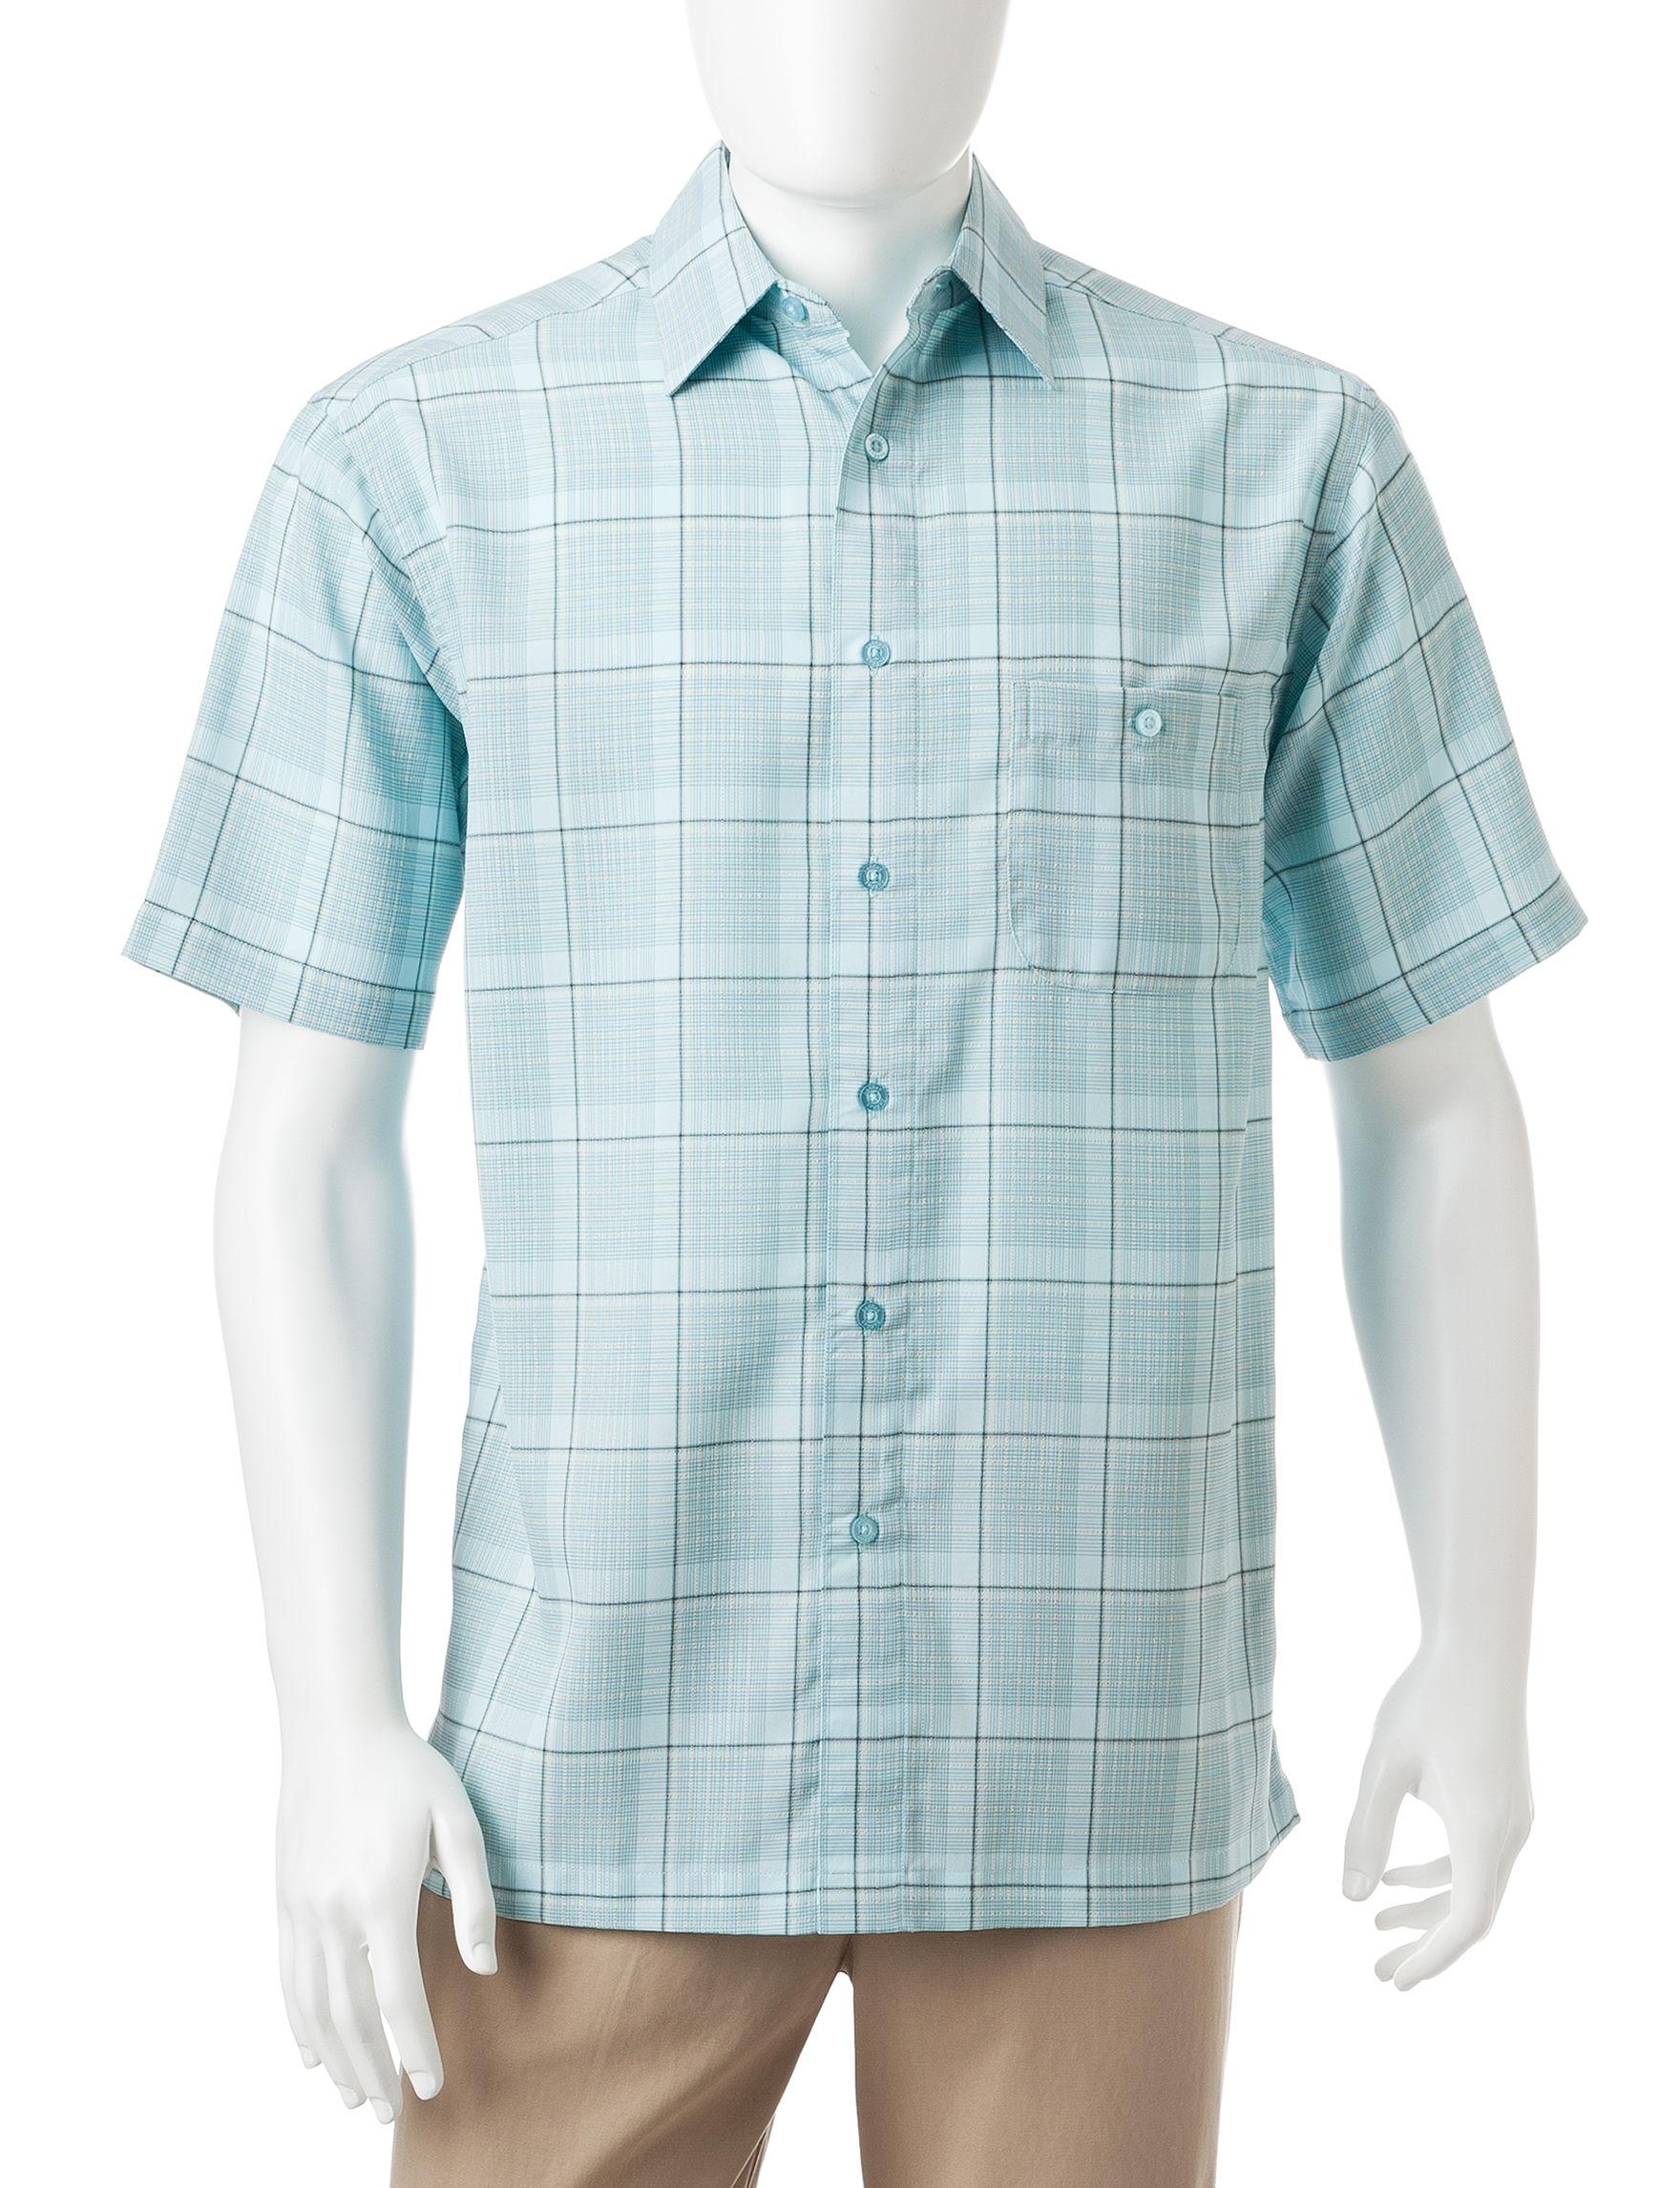 Haggar Blue Casual Button Down Shirts